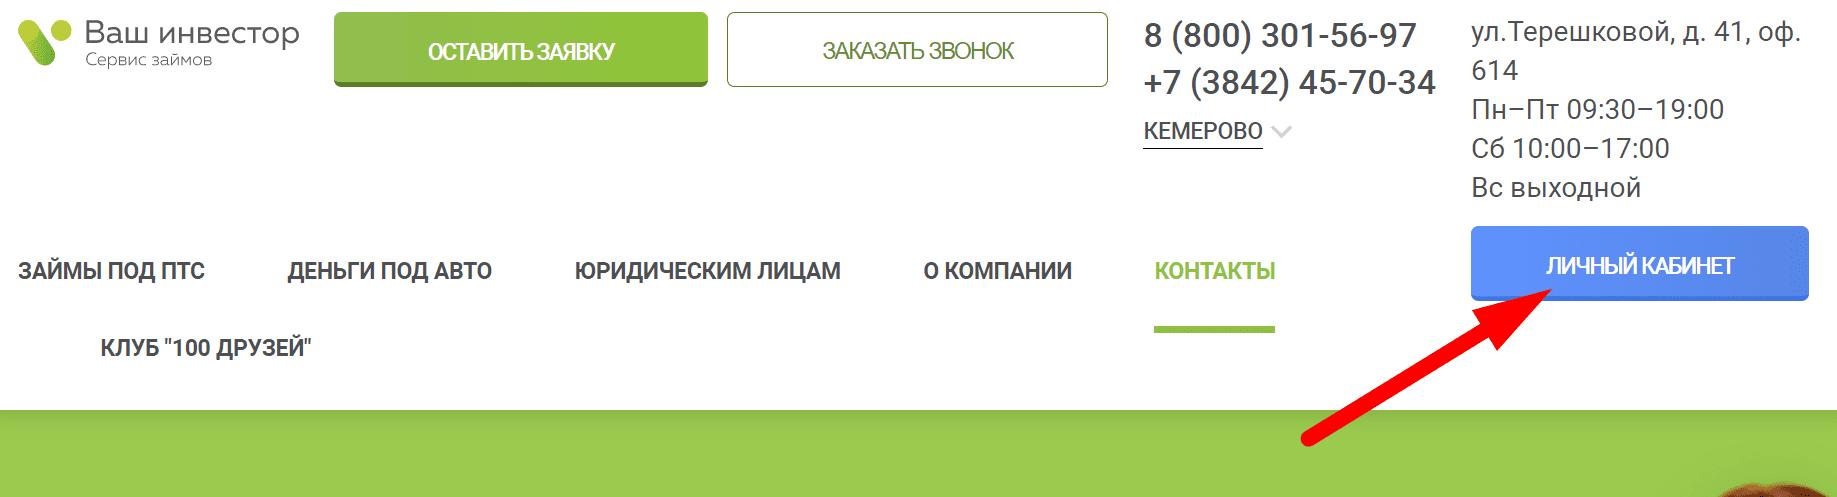 Сайт финансового помощника «Ваш инвестор» в Кемеровской области